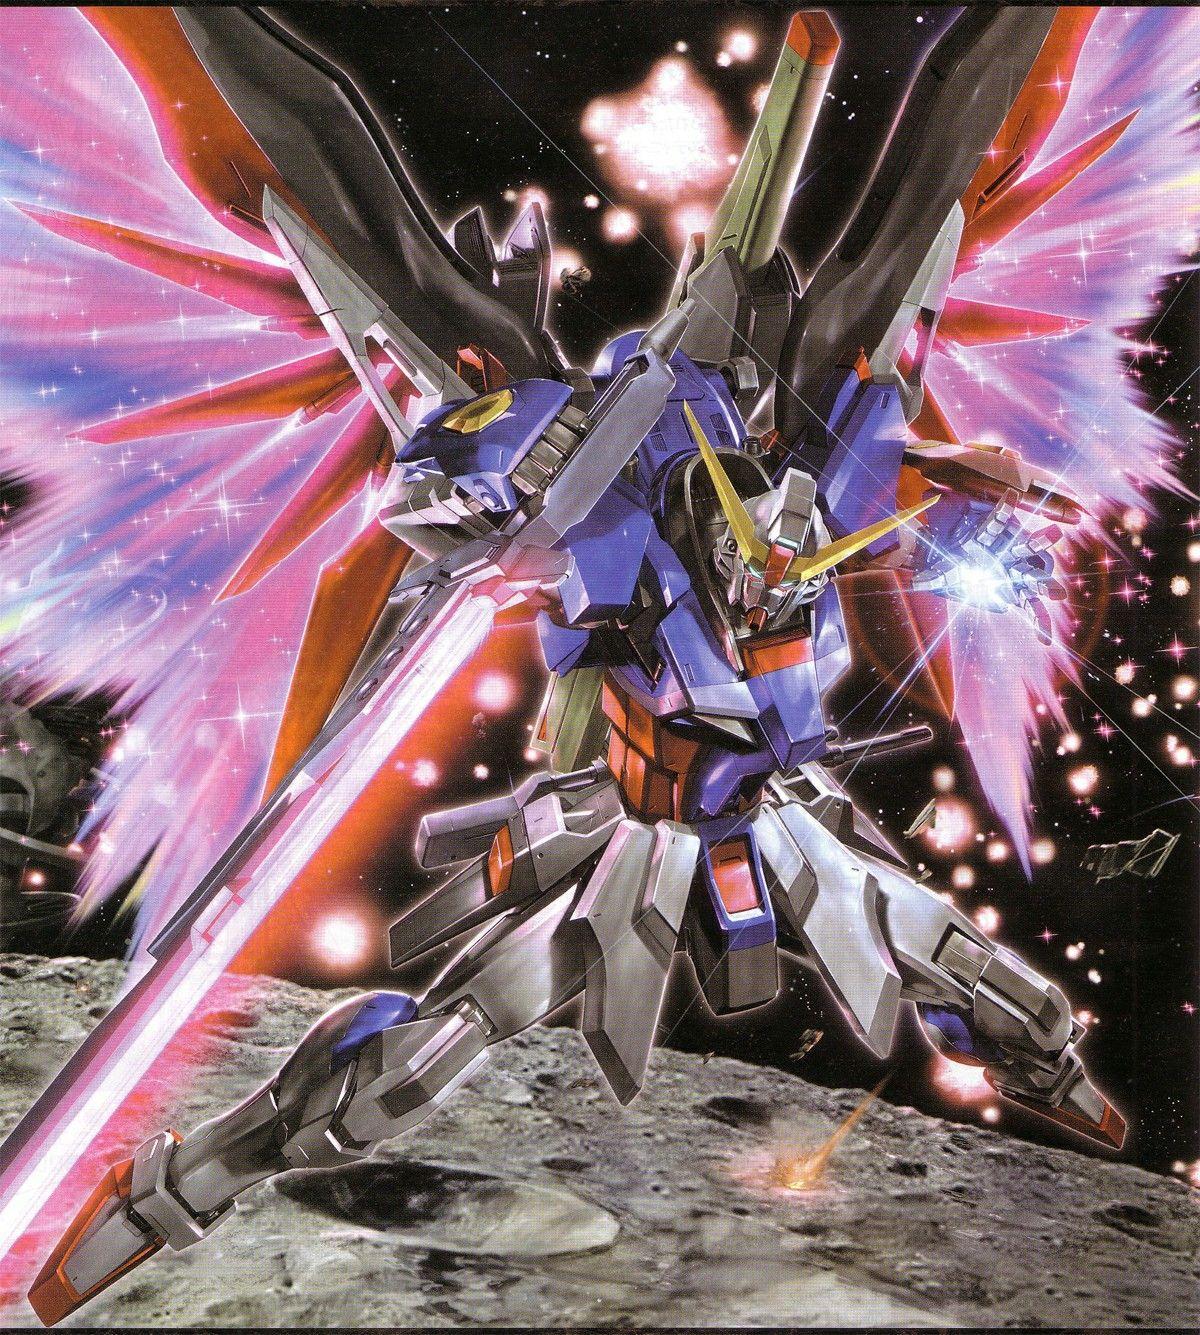 Pin by Mike on Gundam Gundam wallpapers, Gundam seed, Gundam